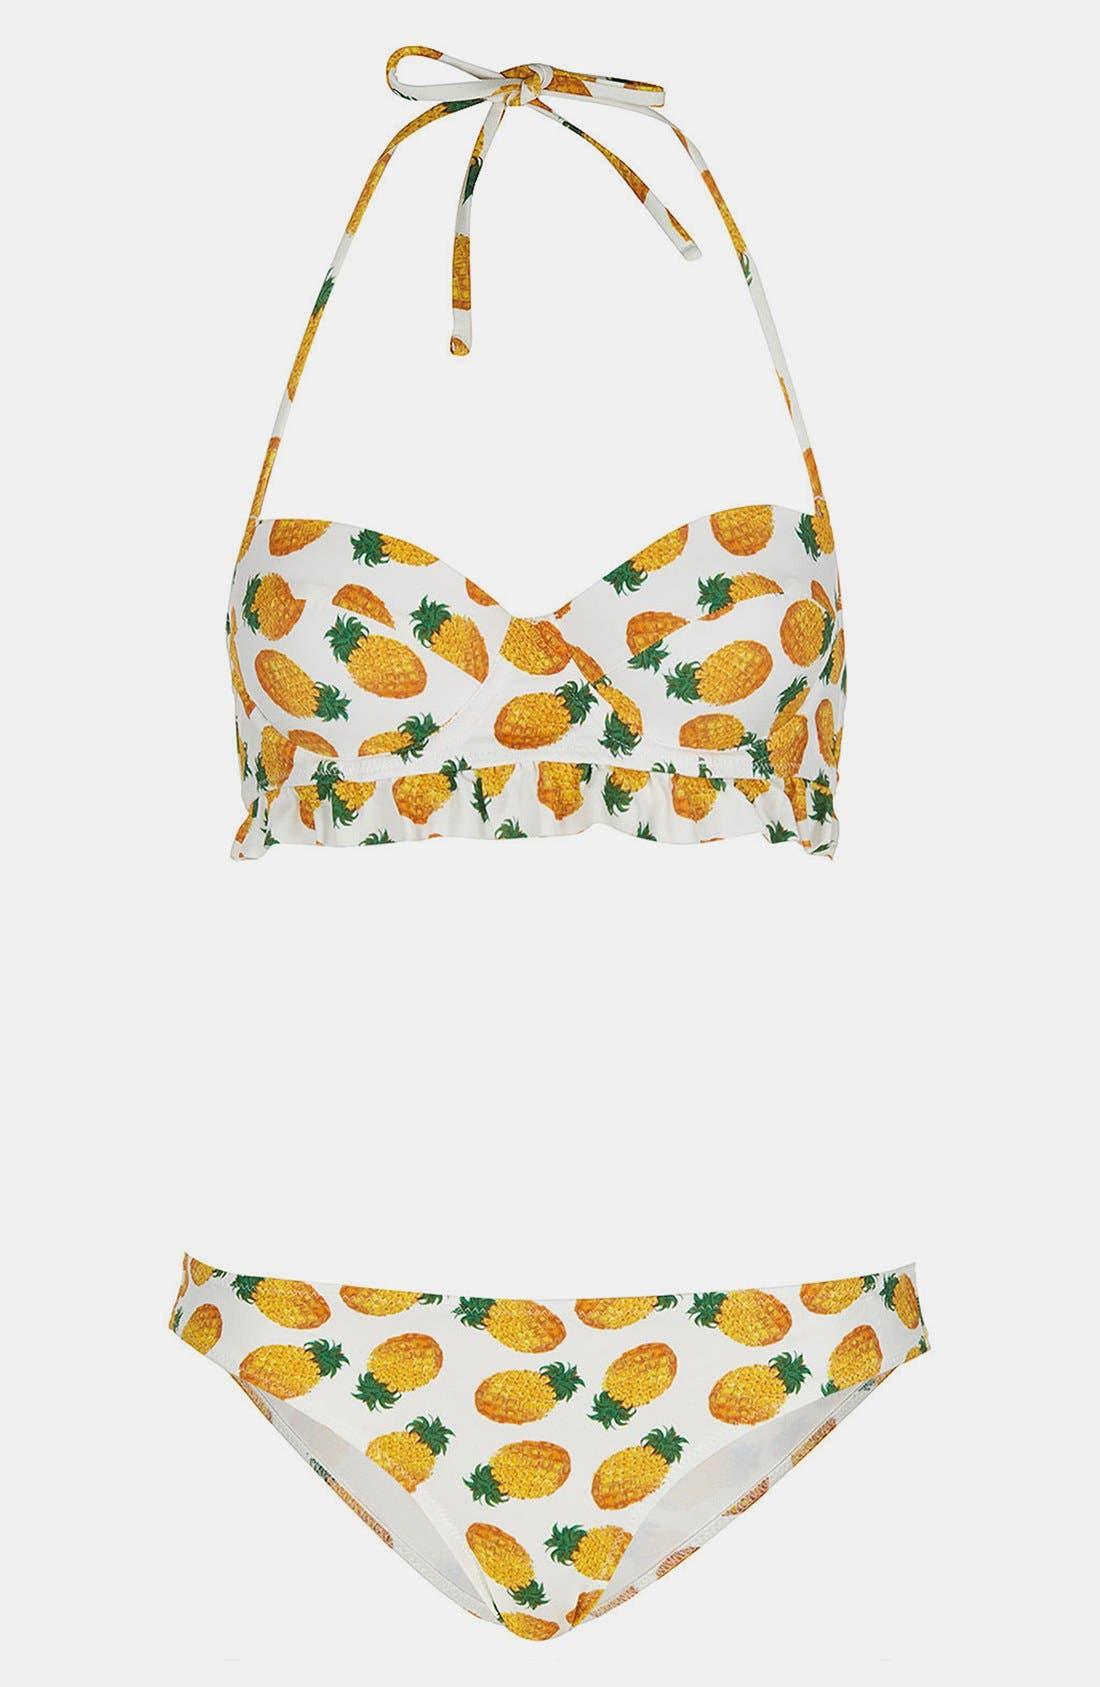 TOPSHOP, Pineapple Print Bikini, Main thumbnail 1, color, 100